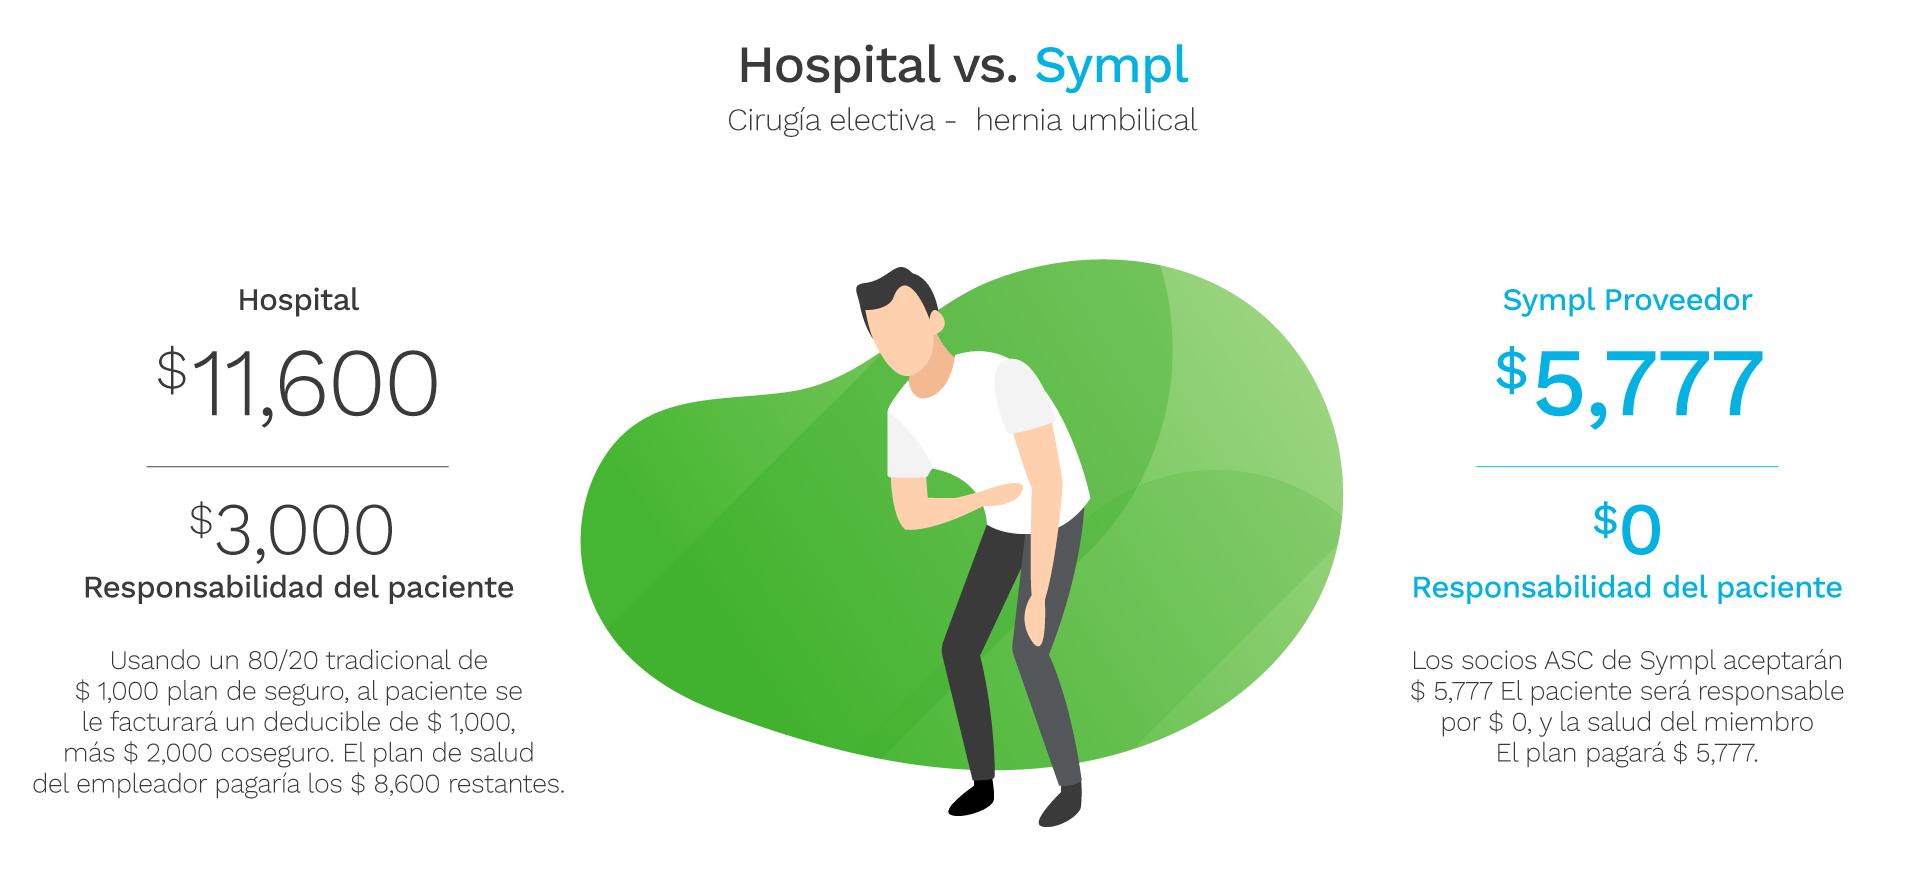 SYM007_SITEREFRESH_HOSPITALVSSYMPL-SE-spanish-DK_5-5